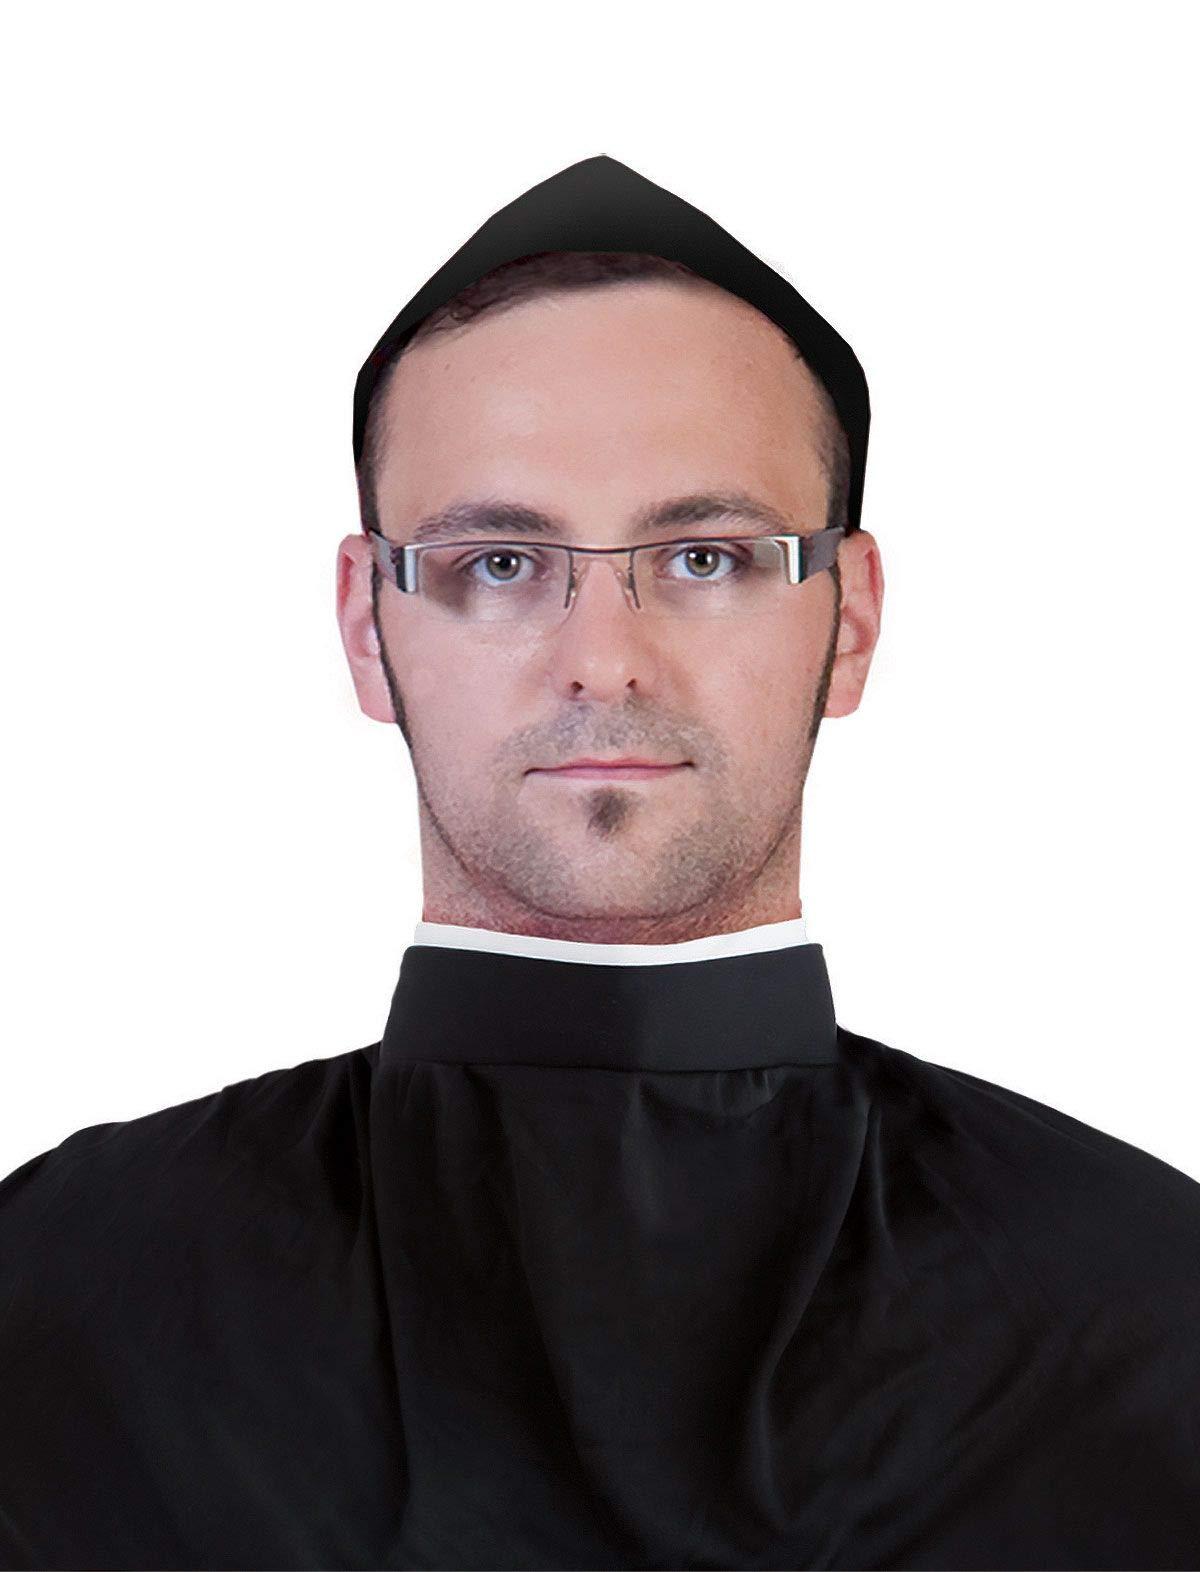 Funny Fashion Collar de Camisa de Sacerdote clérico, Accesorio para Disfraz de Halloween, Color Blanco y Negro, Talla única: Amazon.es: Juguetes y juegos